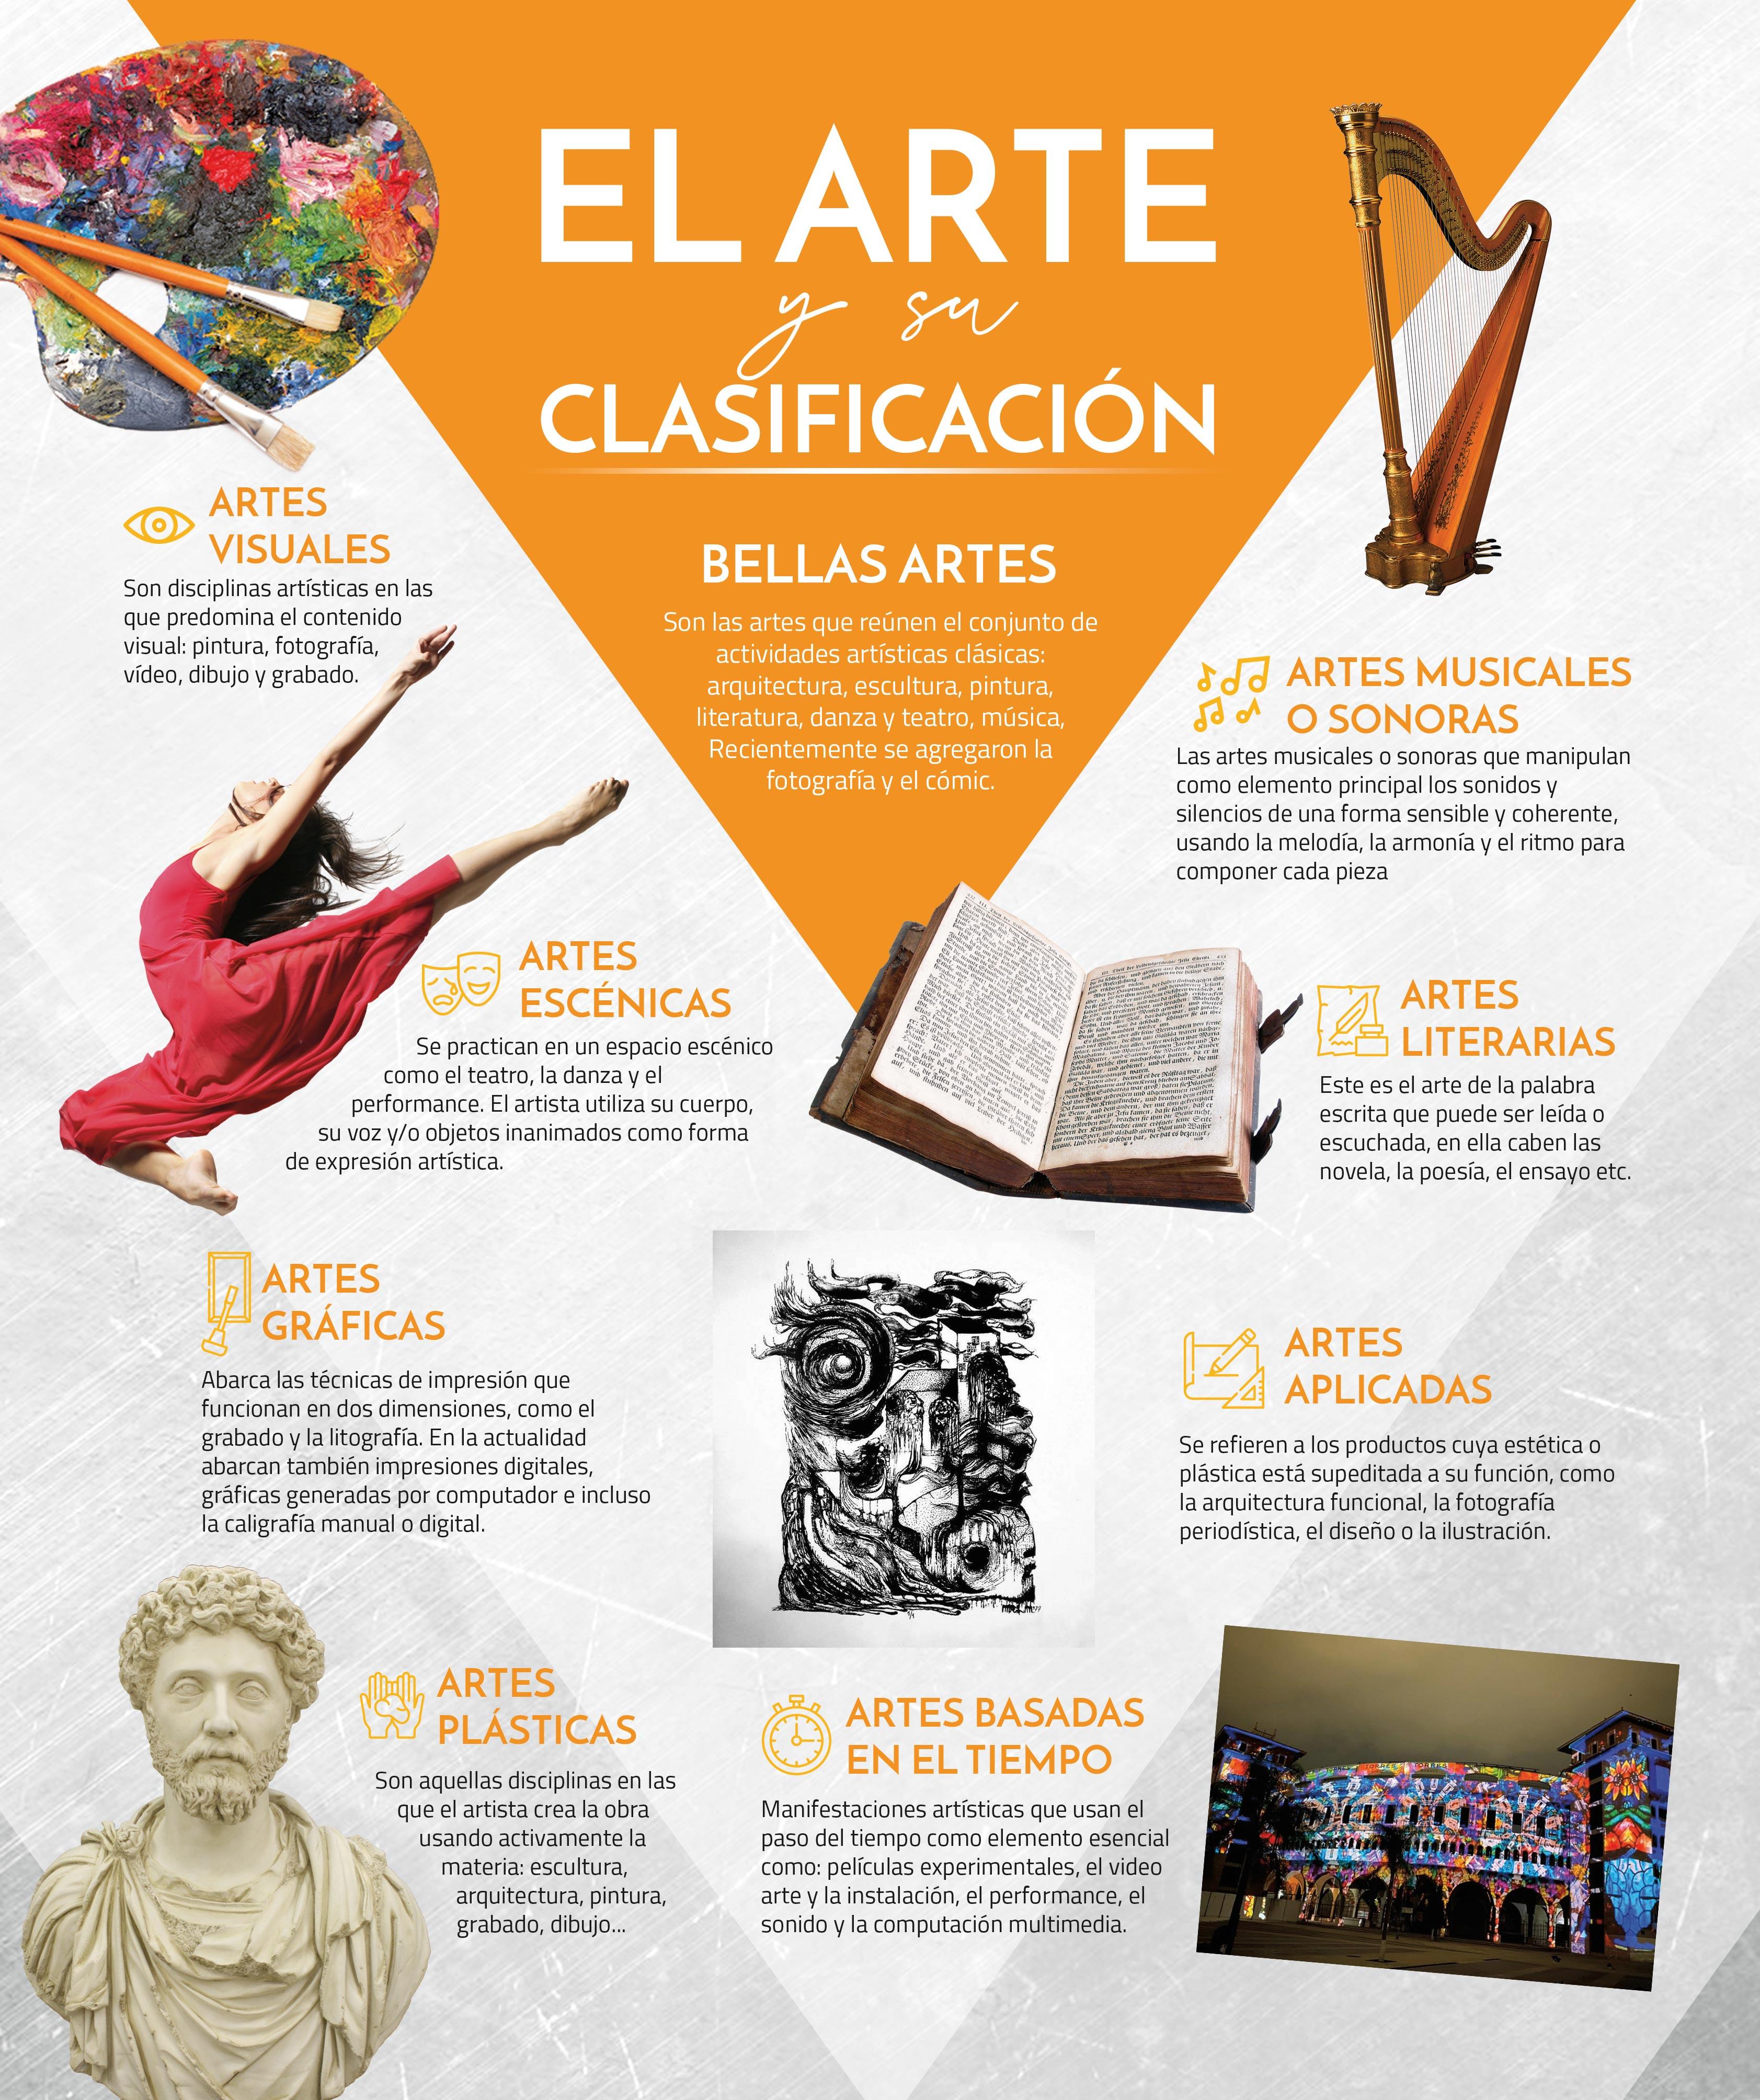 EL-ARTE-Y-SU-CLASIFICACIÓN